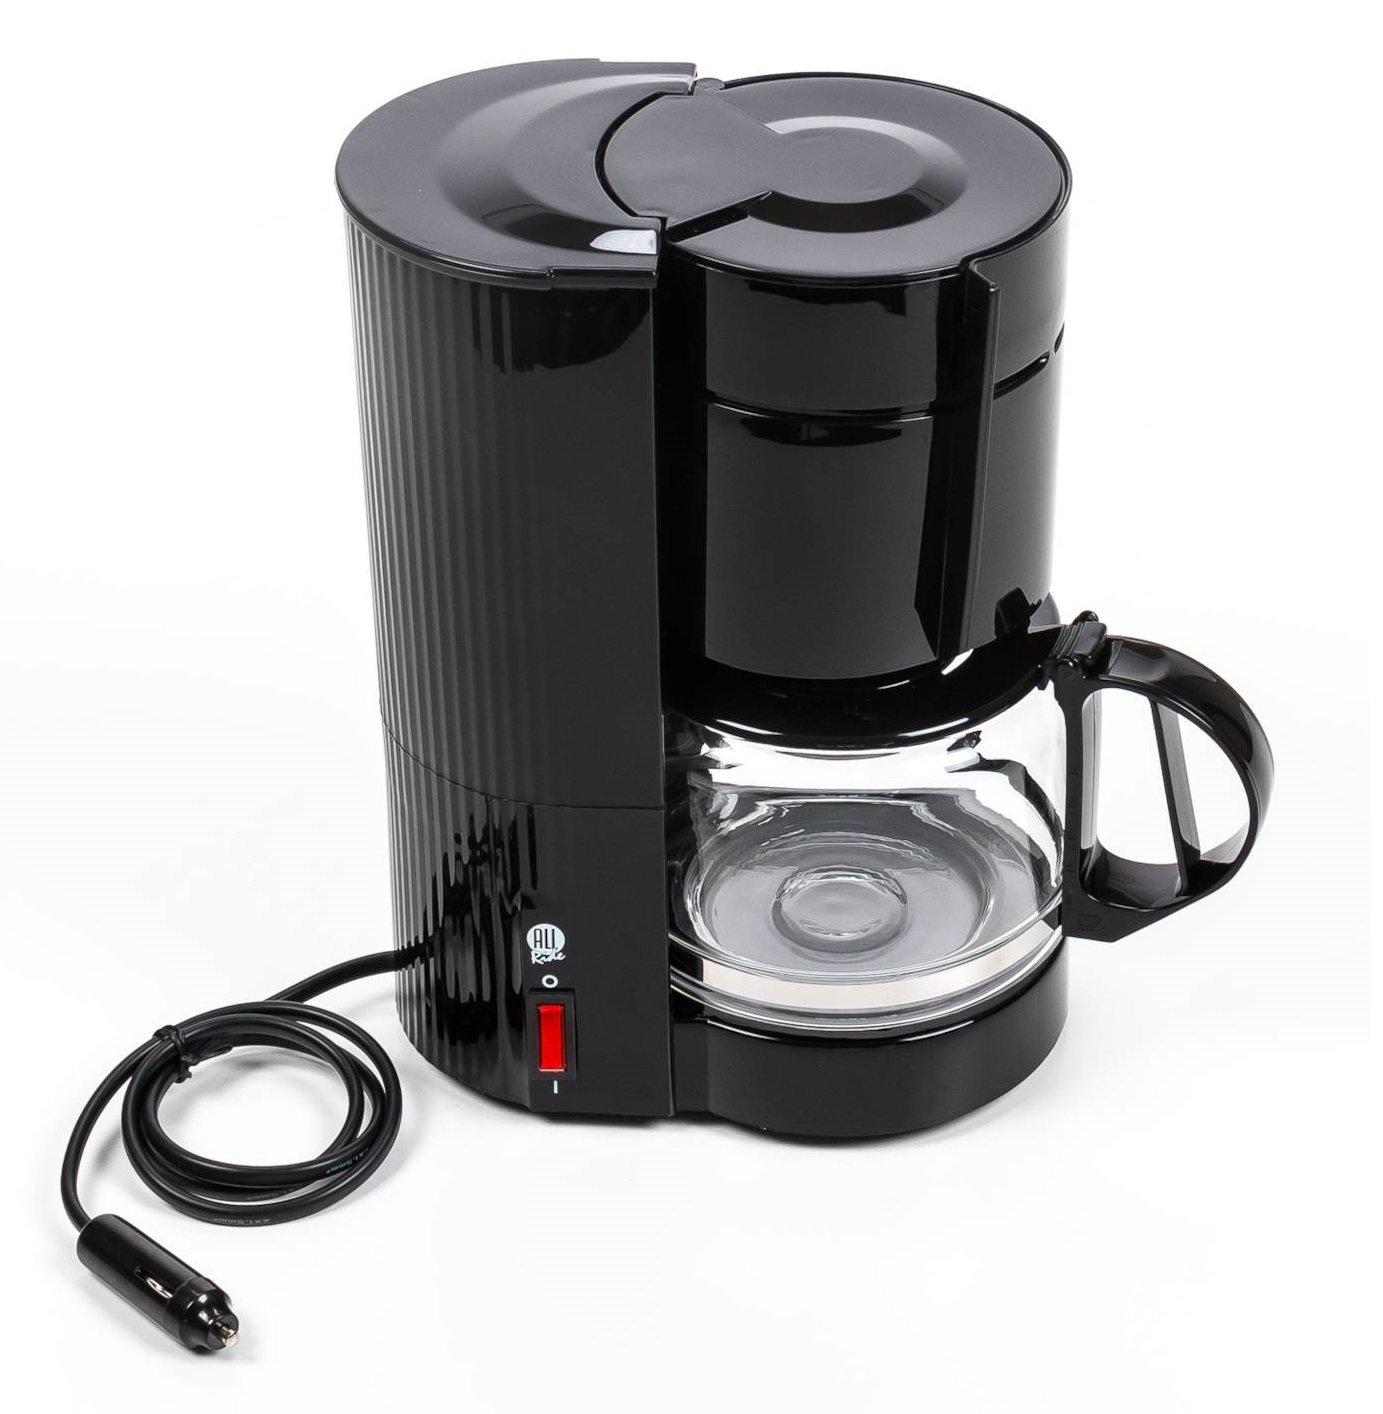 Kaffeemaschine mit Glaskanne fü r 10-12 Tassen, Filterkaffeemaschine 24V 300W ALL Ride